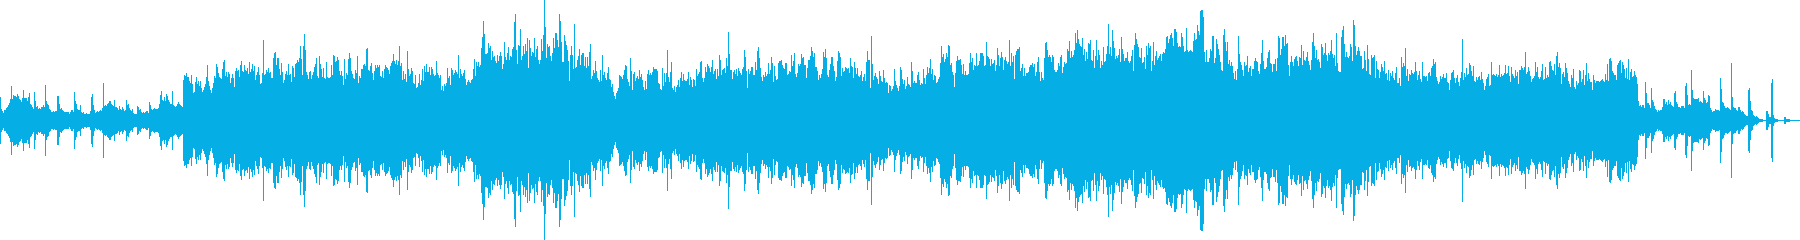 弦楽合奏のフレーズをエフェクト処理の再生済みの波形